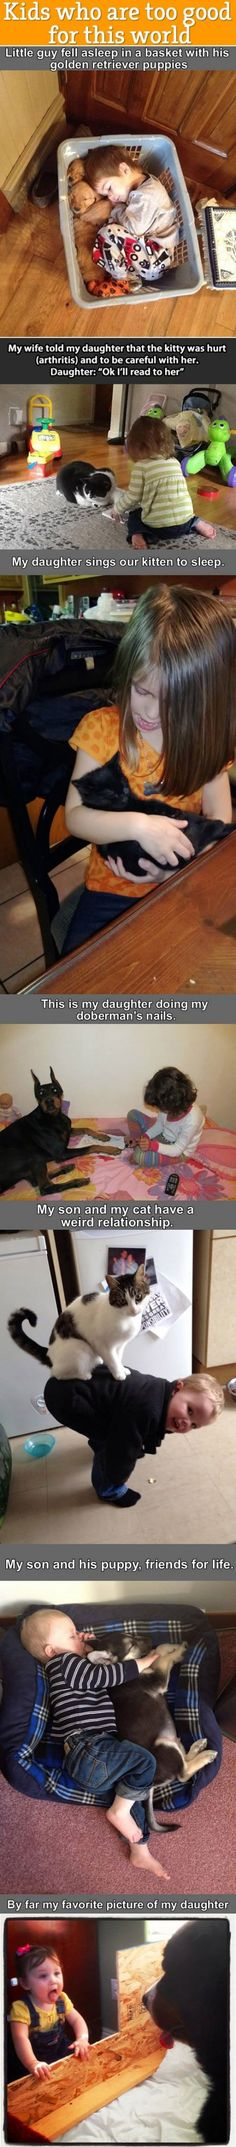 Warum jedes Kind ein Haustier braucht - Cuteness Overload Bild | Webfail - Fail Bilder und Fail Videos